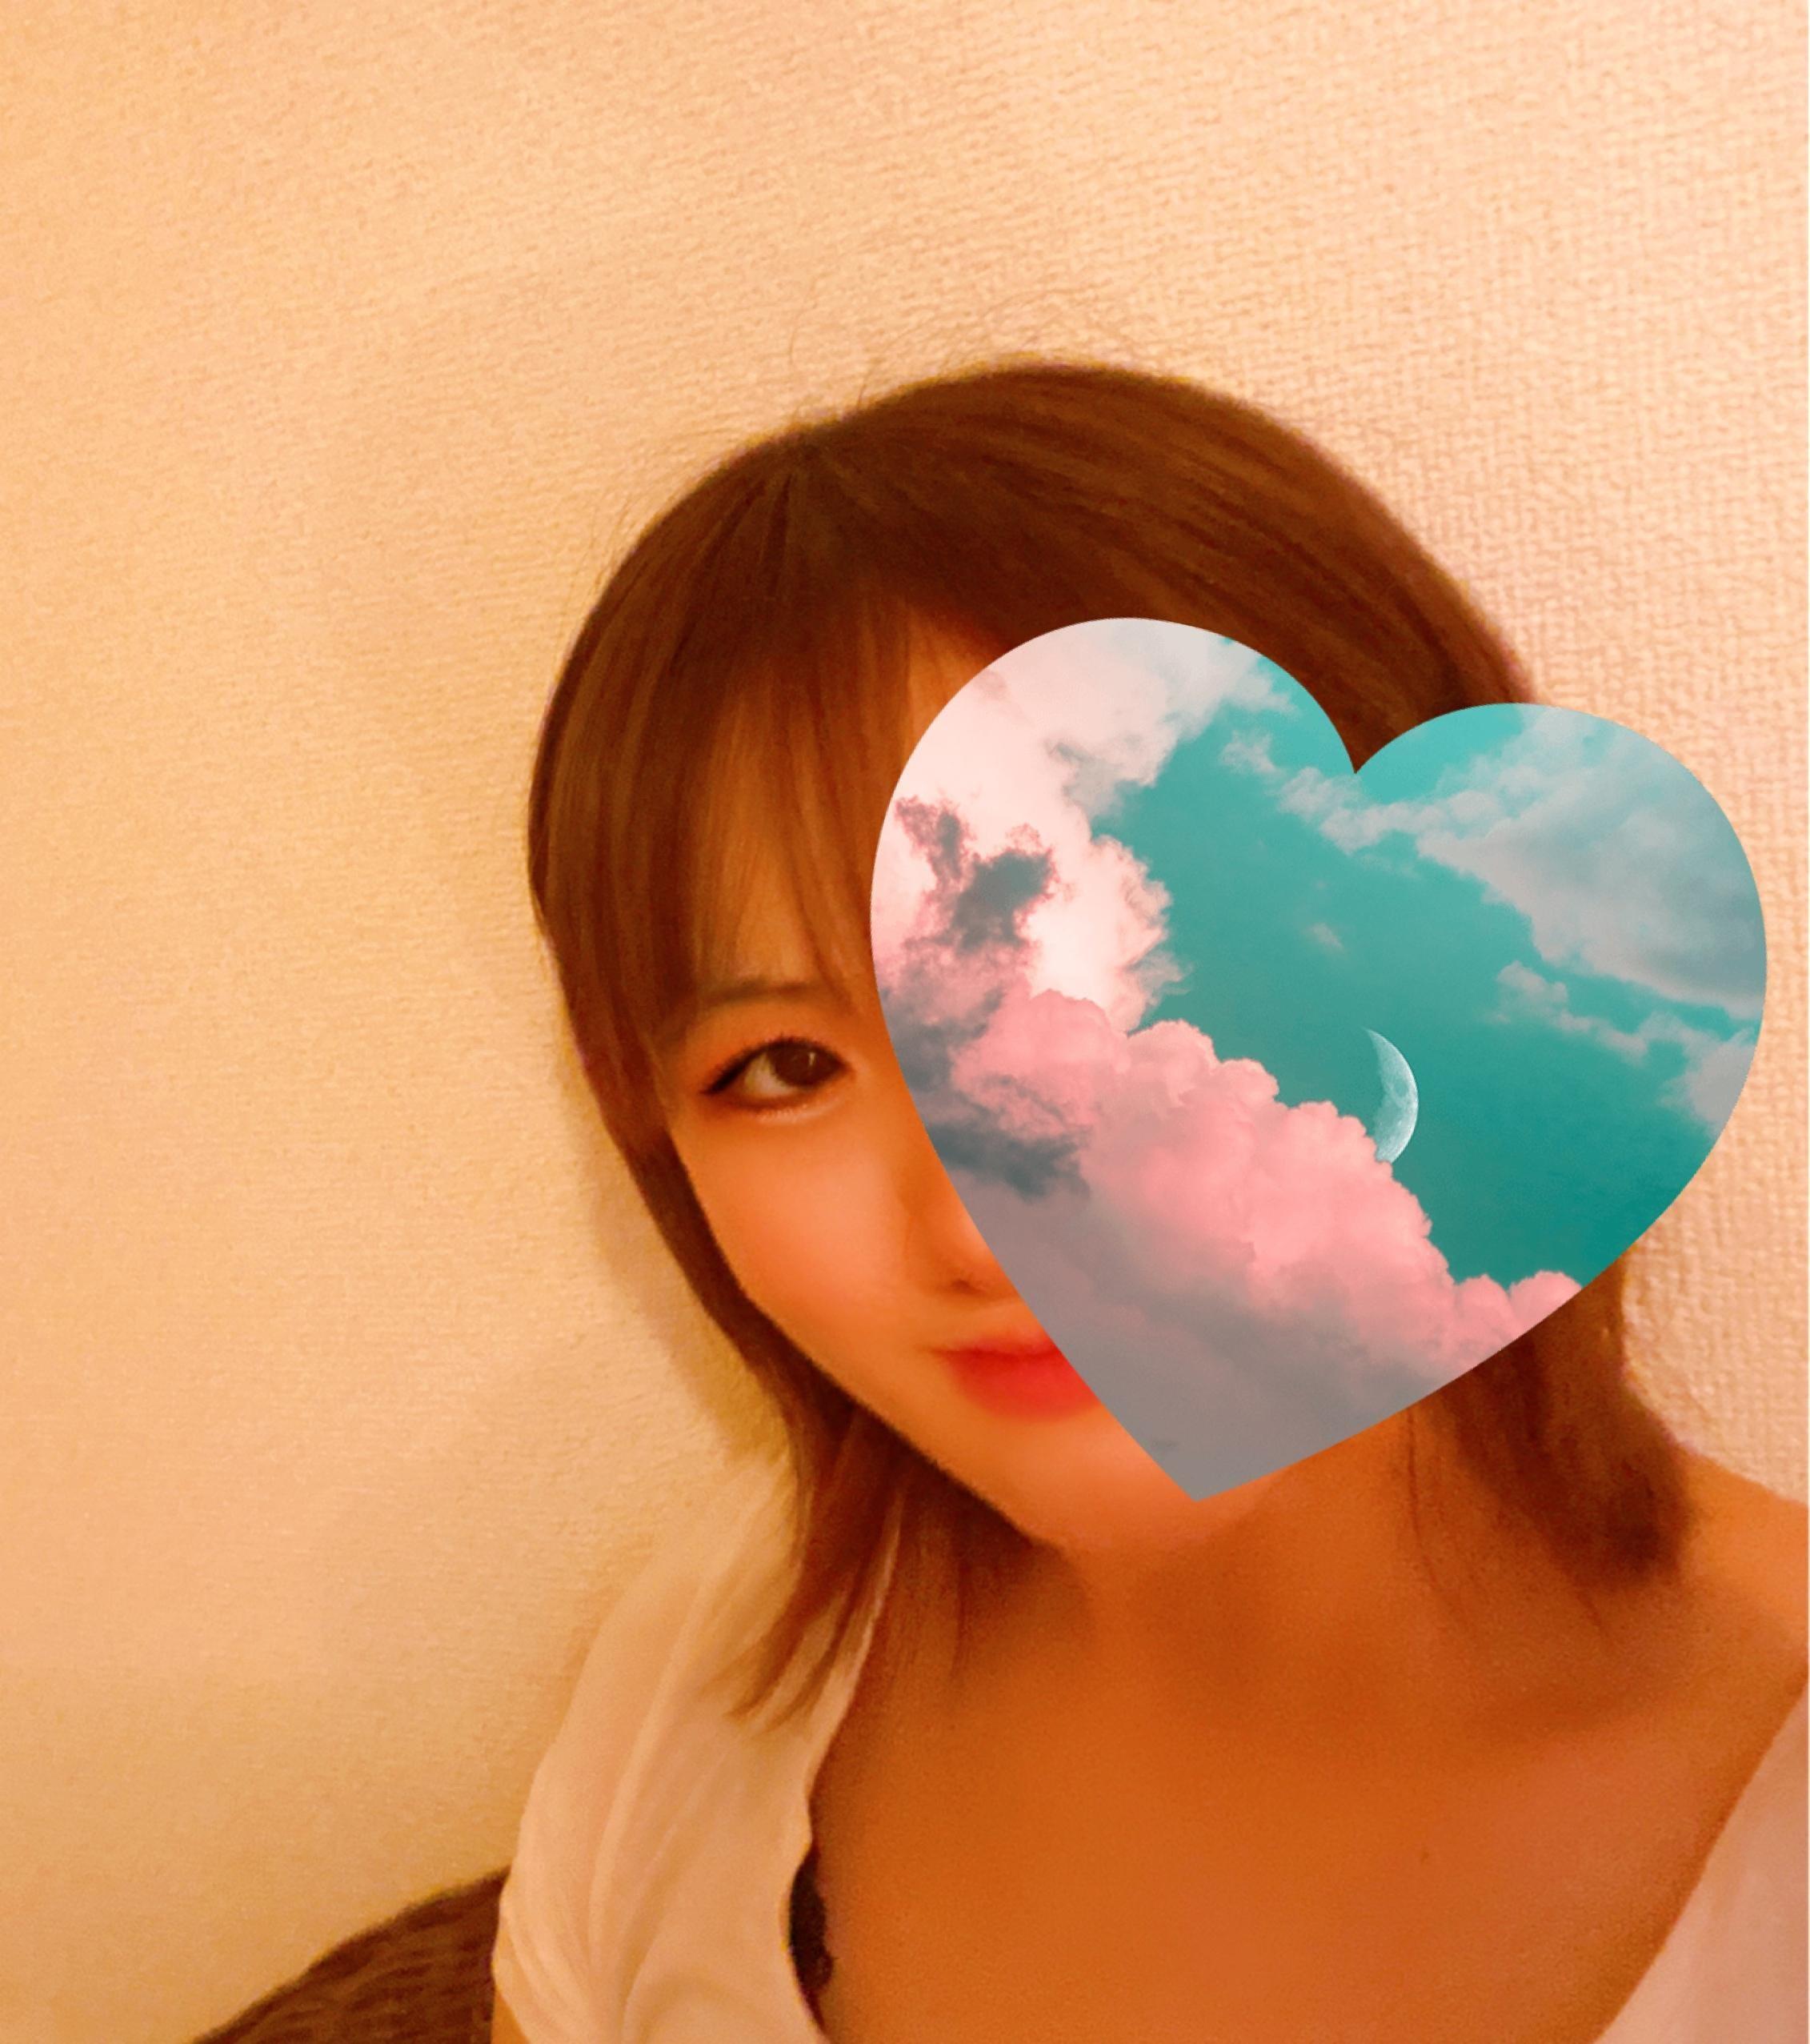 「こんにちわ」04/23(金) 18:12   そらの写メ日記